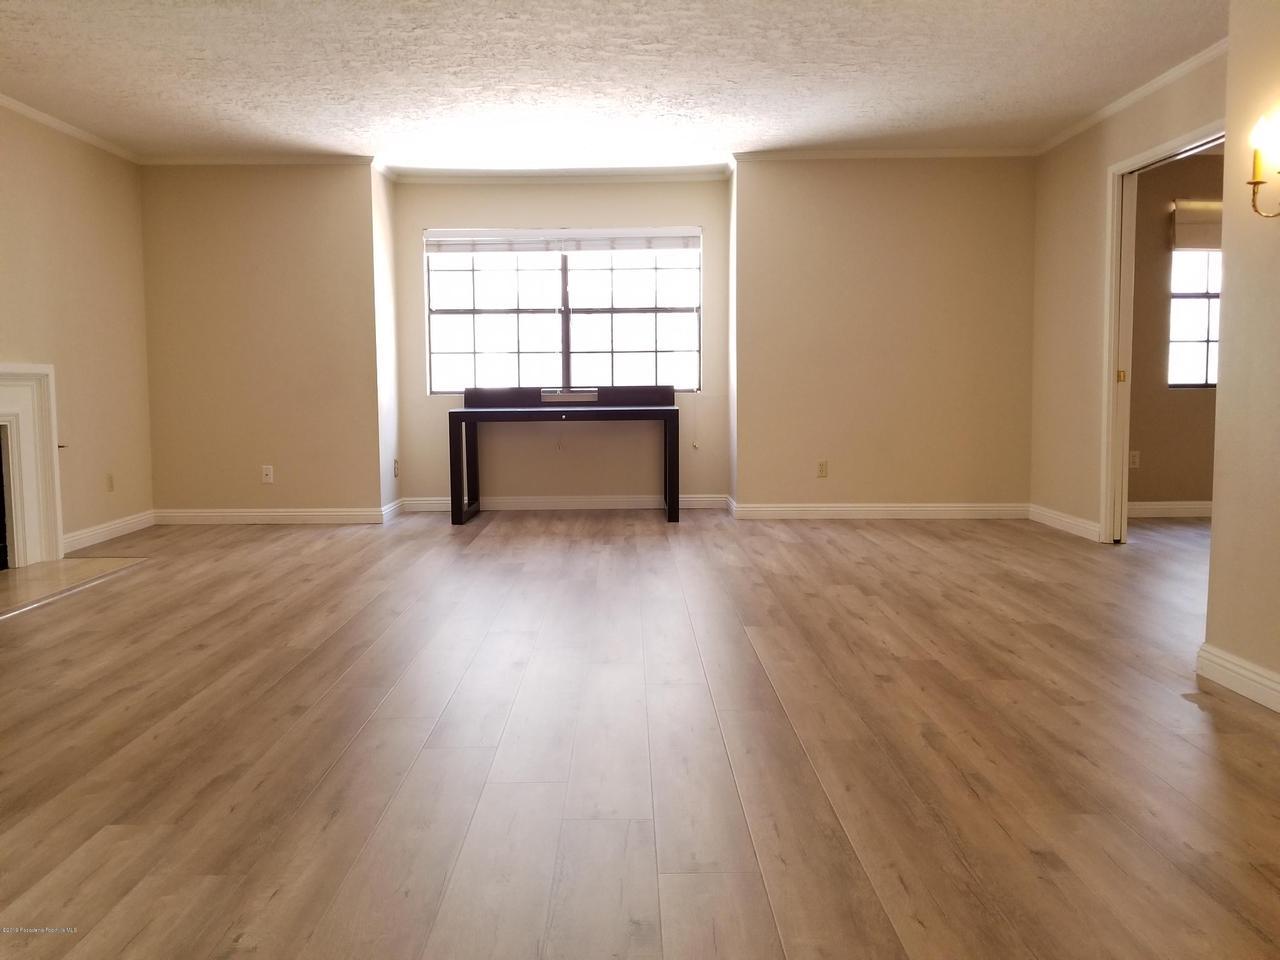 124 MONTEREY, South Pasadena, CA 91030 - Living